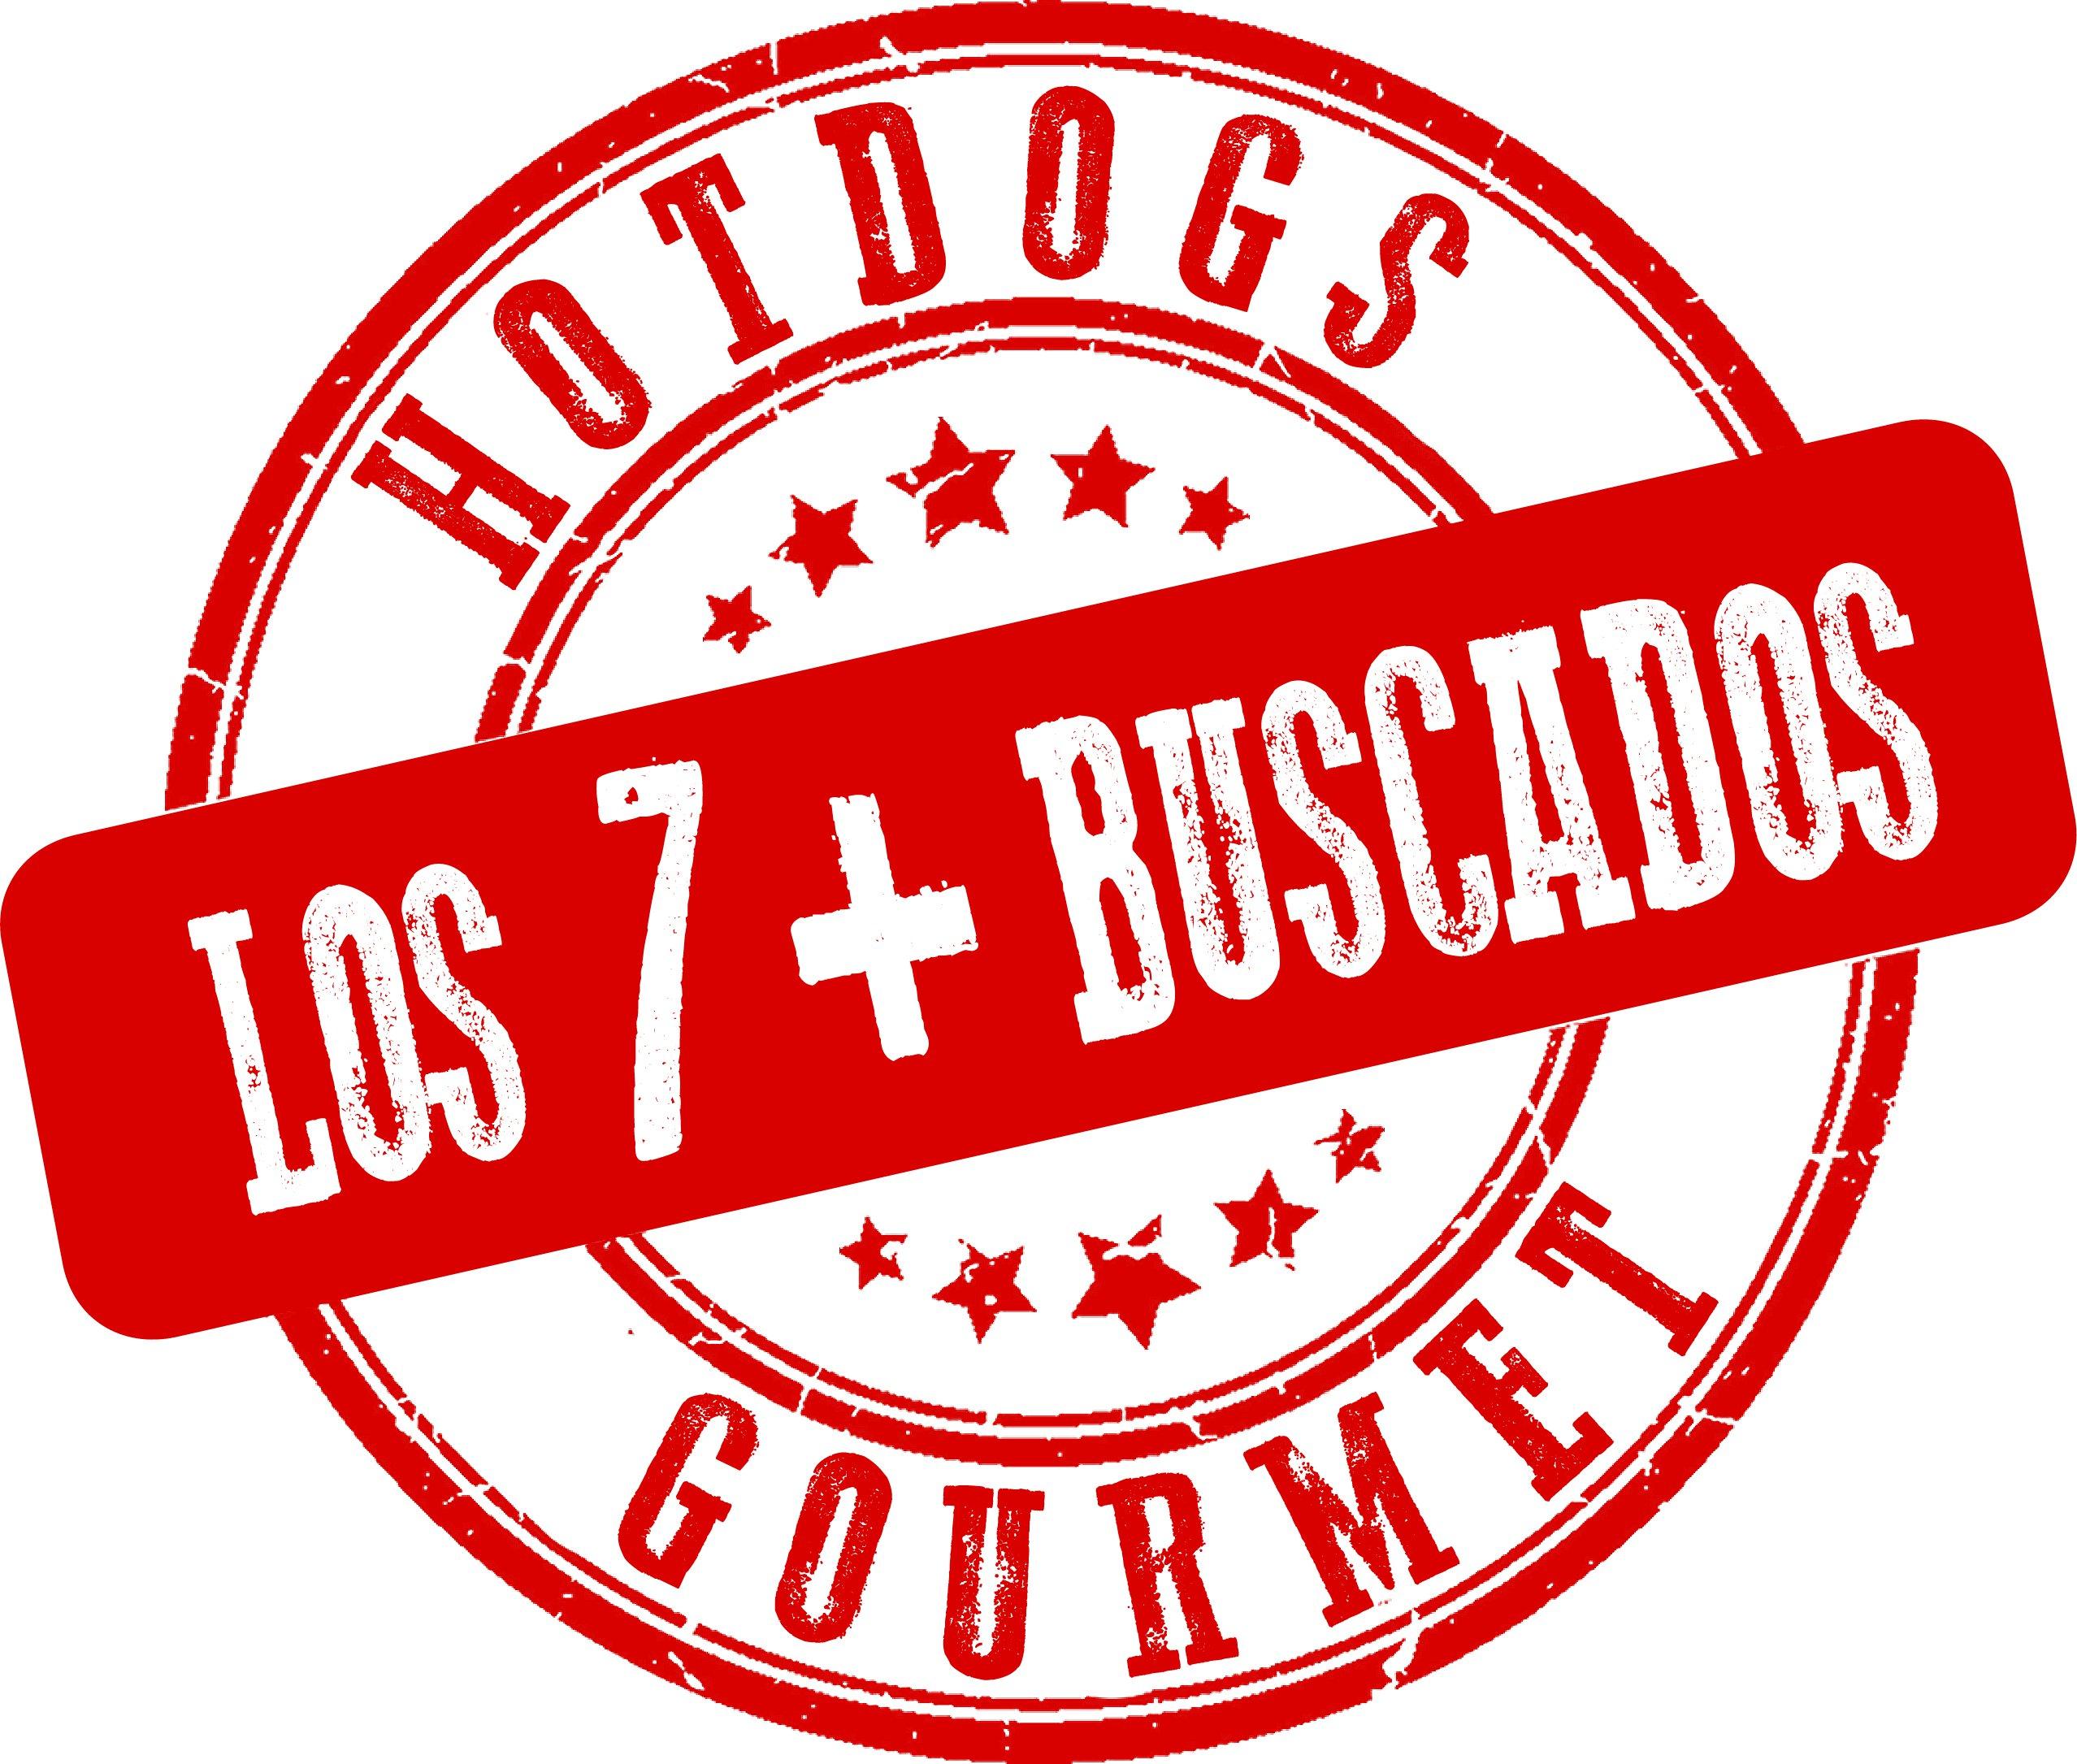 Los 7 Más Buscados Hotdogs